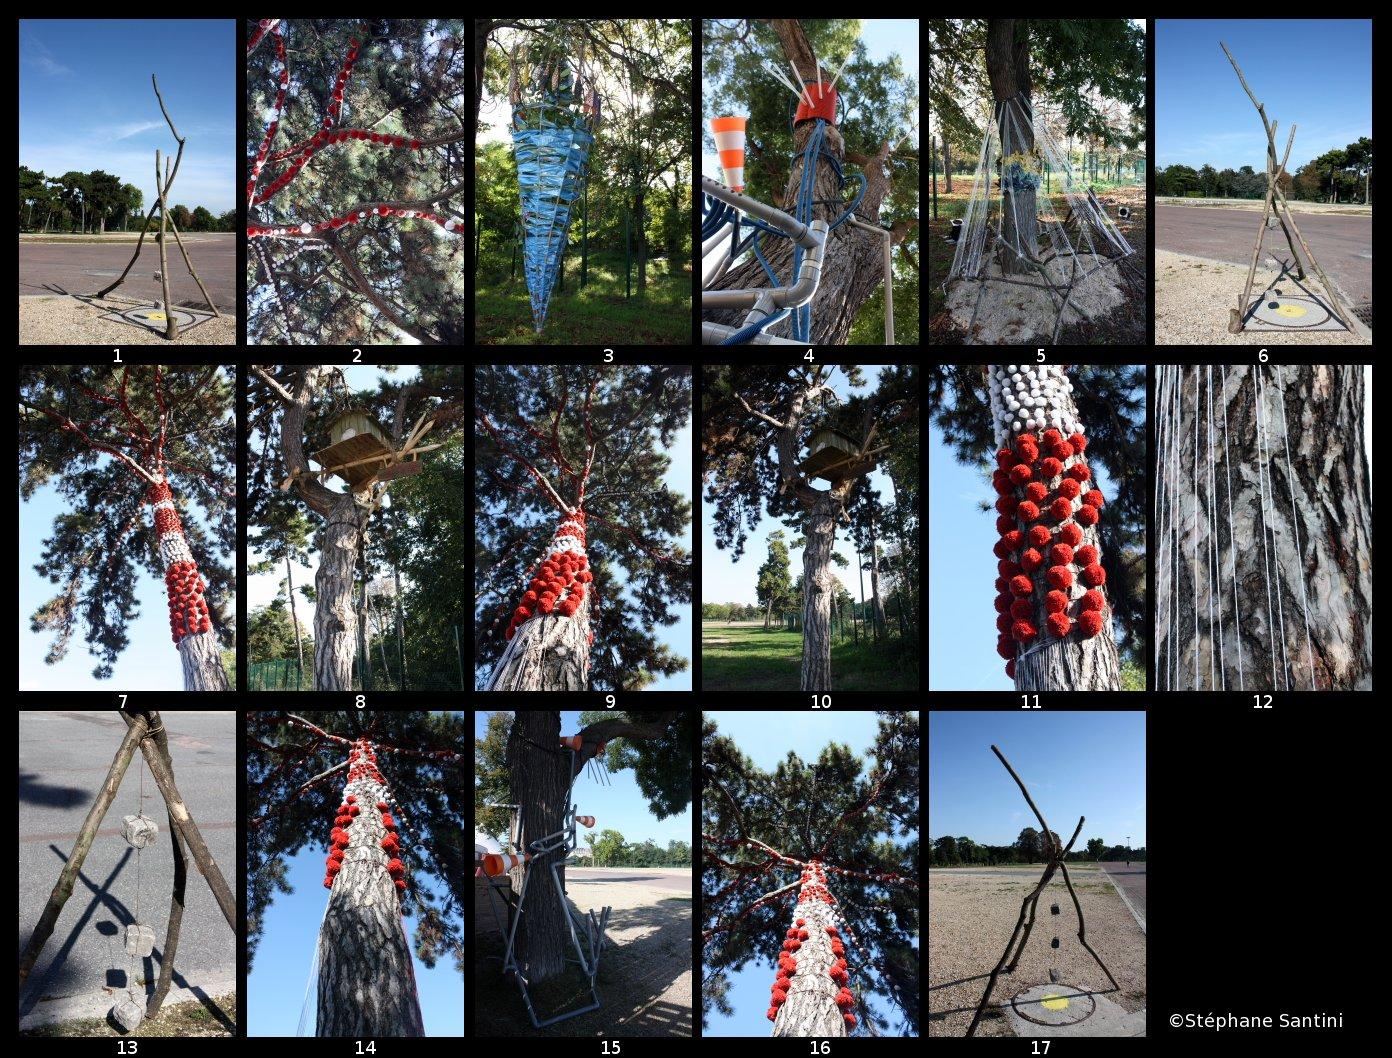 oeuvres land art dans les arbres à paris - événement biodiversité artistique organisée par Paris Label et Coop 2r2c - phot stéphane santini